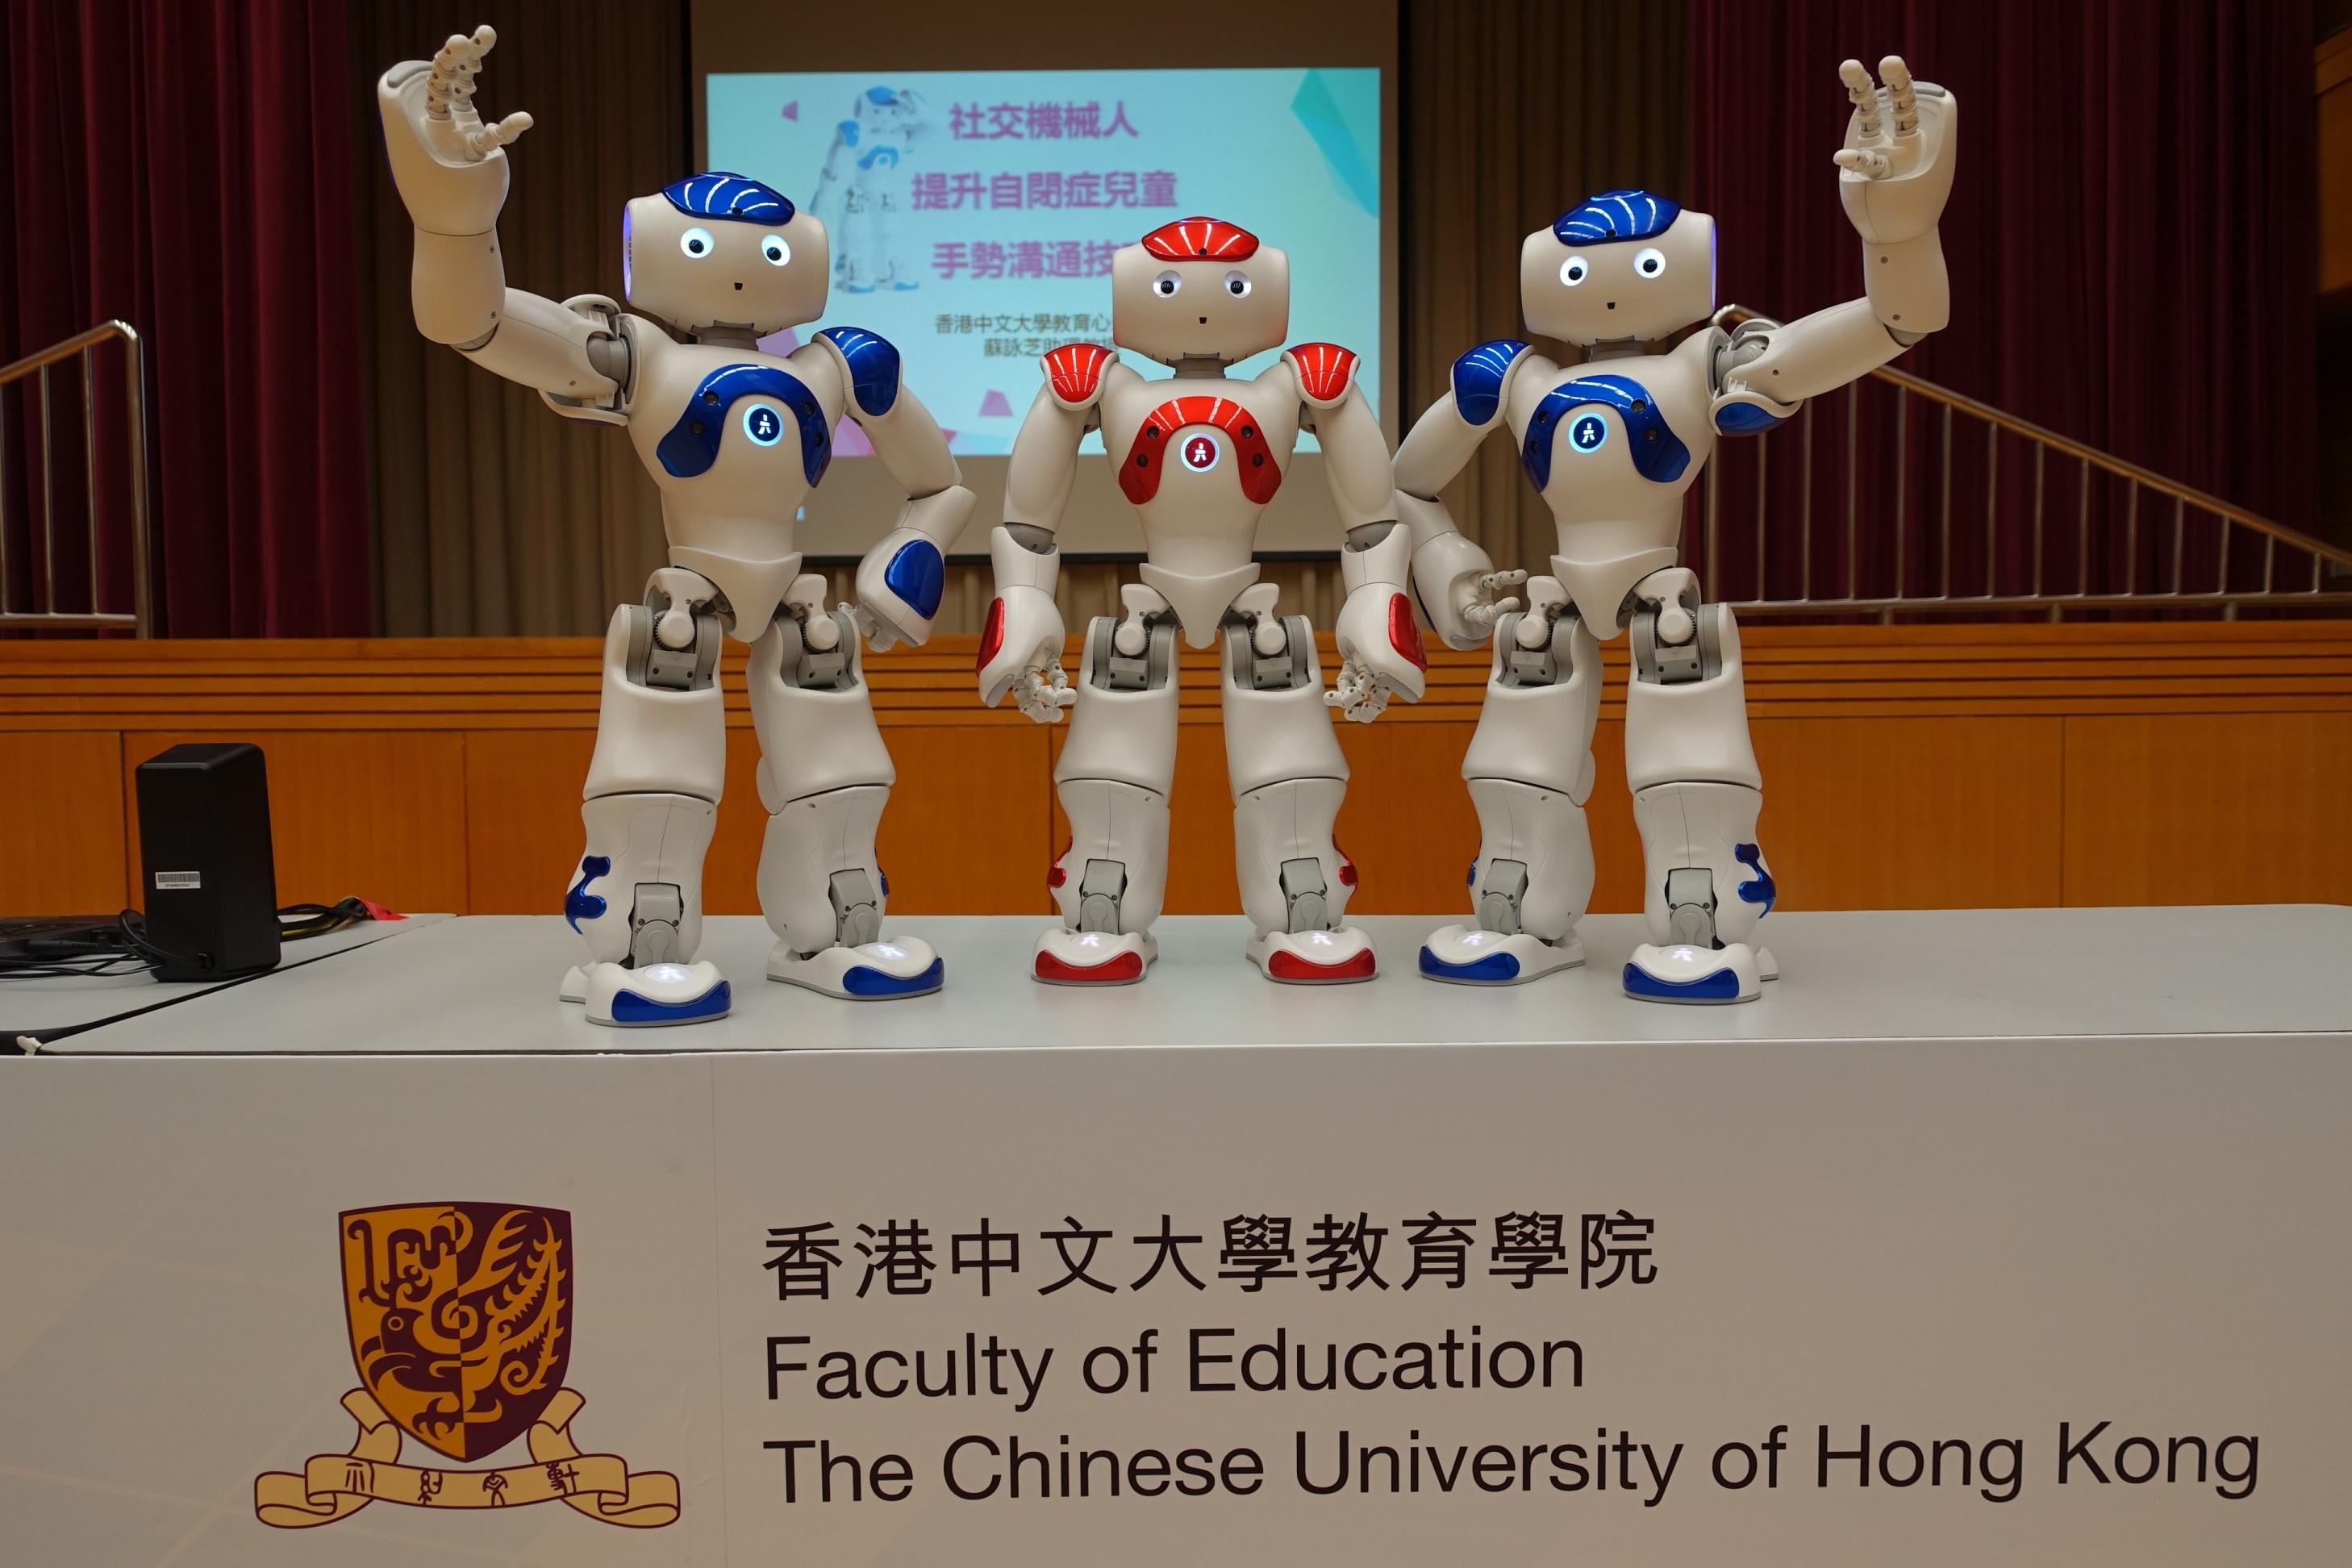 (由左起) 中大教育學院於2016年購置的三部社交機械人天藍、天陽及天晴。